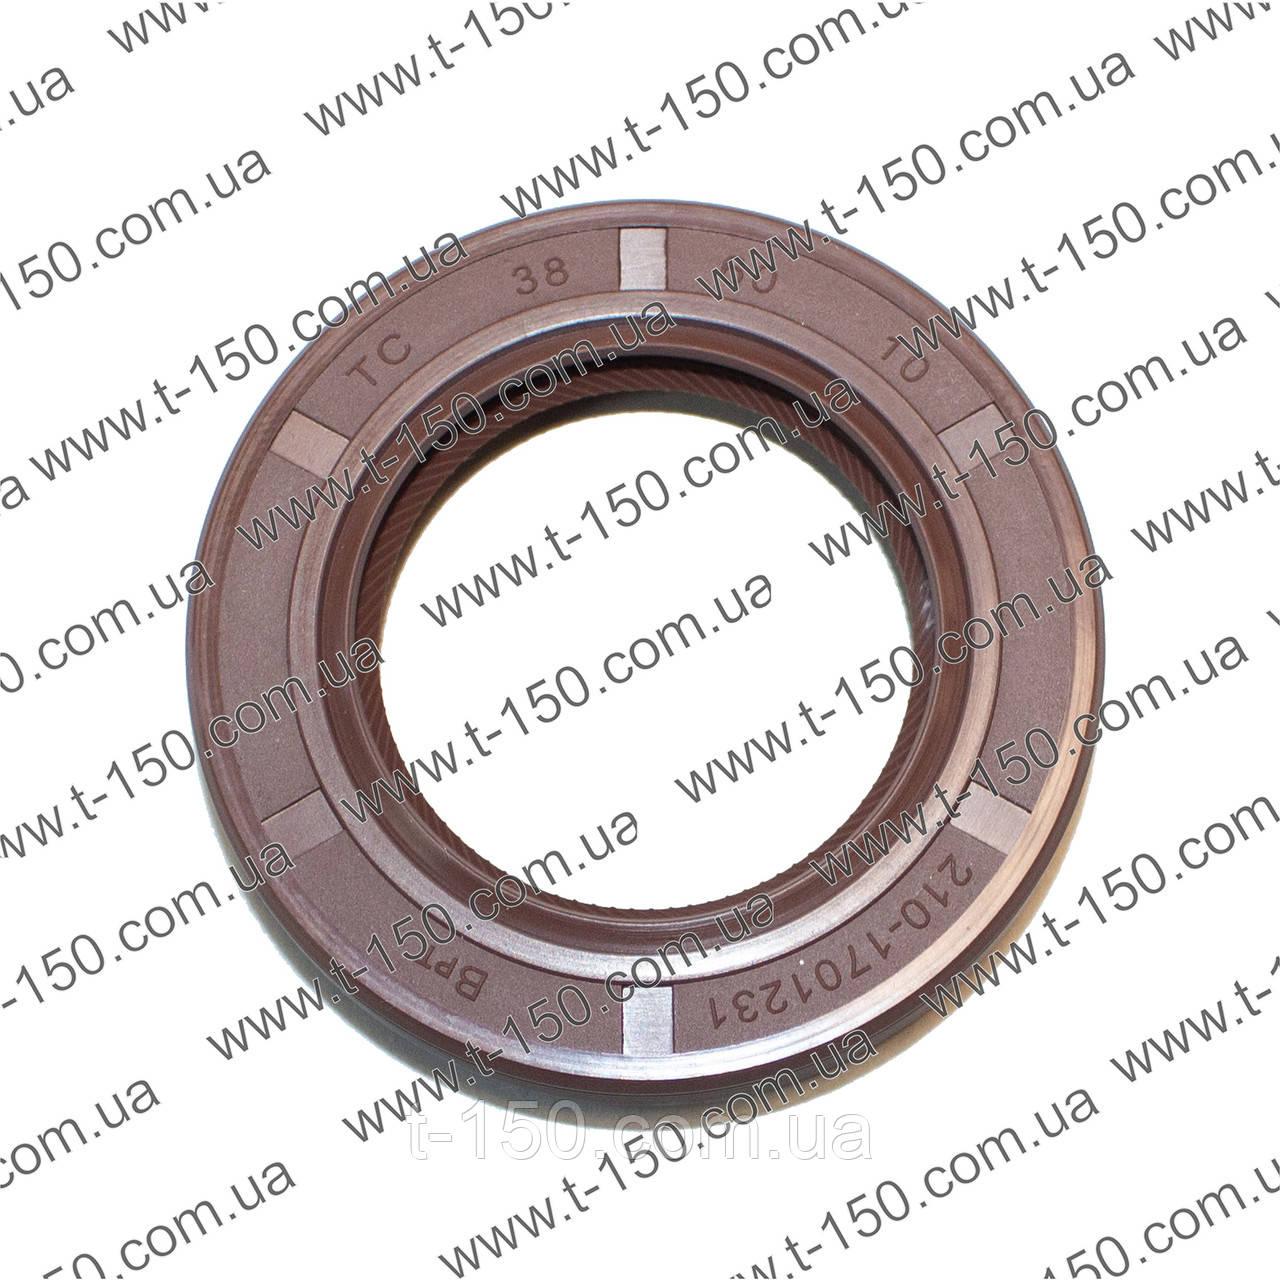 Манжета армована (сальник) привода вентилятора Т-150, МАЗ ЯМЗ 236/238 2.2-38х60-10, 210-1701230, силікон